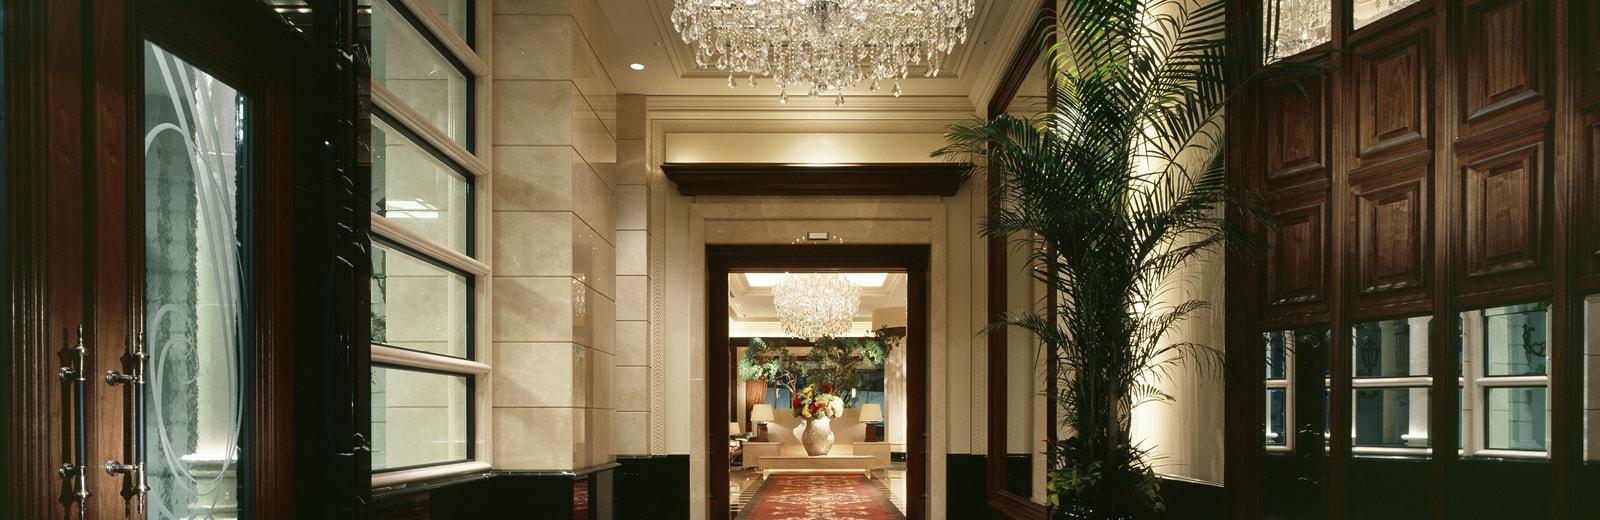 ホテル ラスイート神戸ハーバーランド エントランス